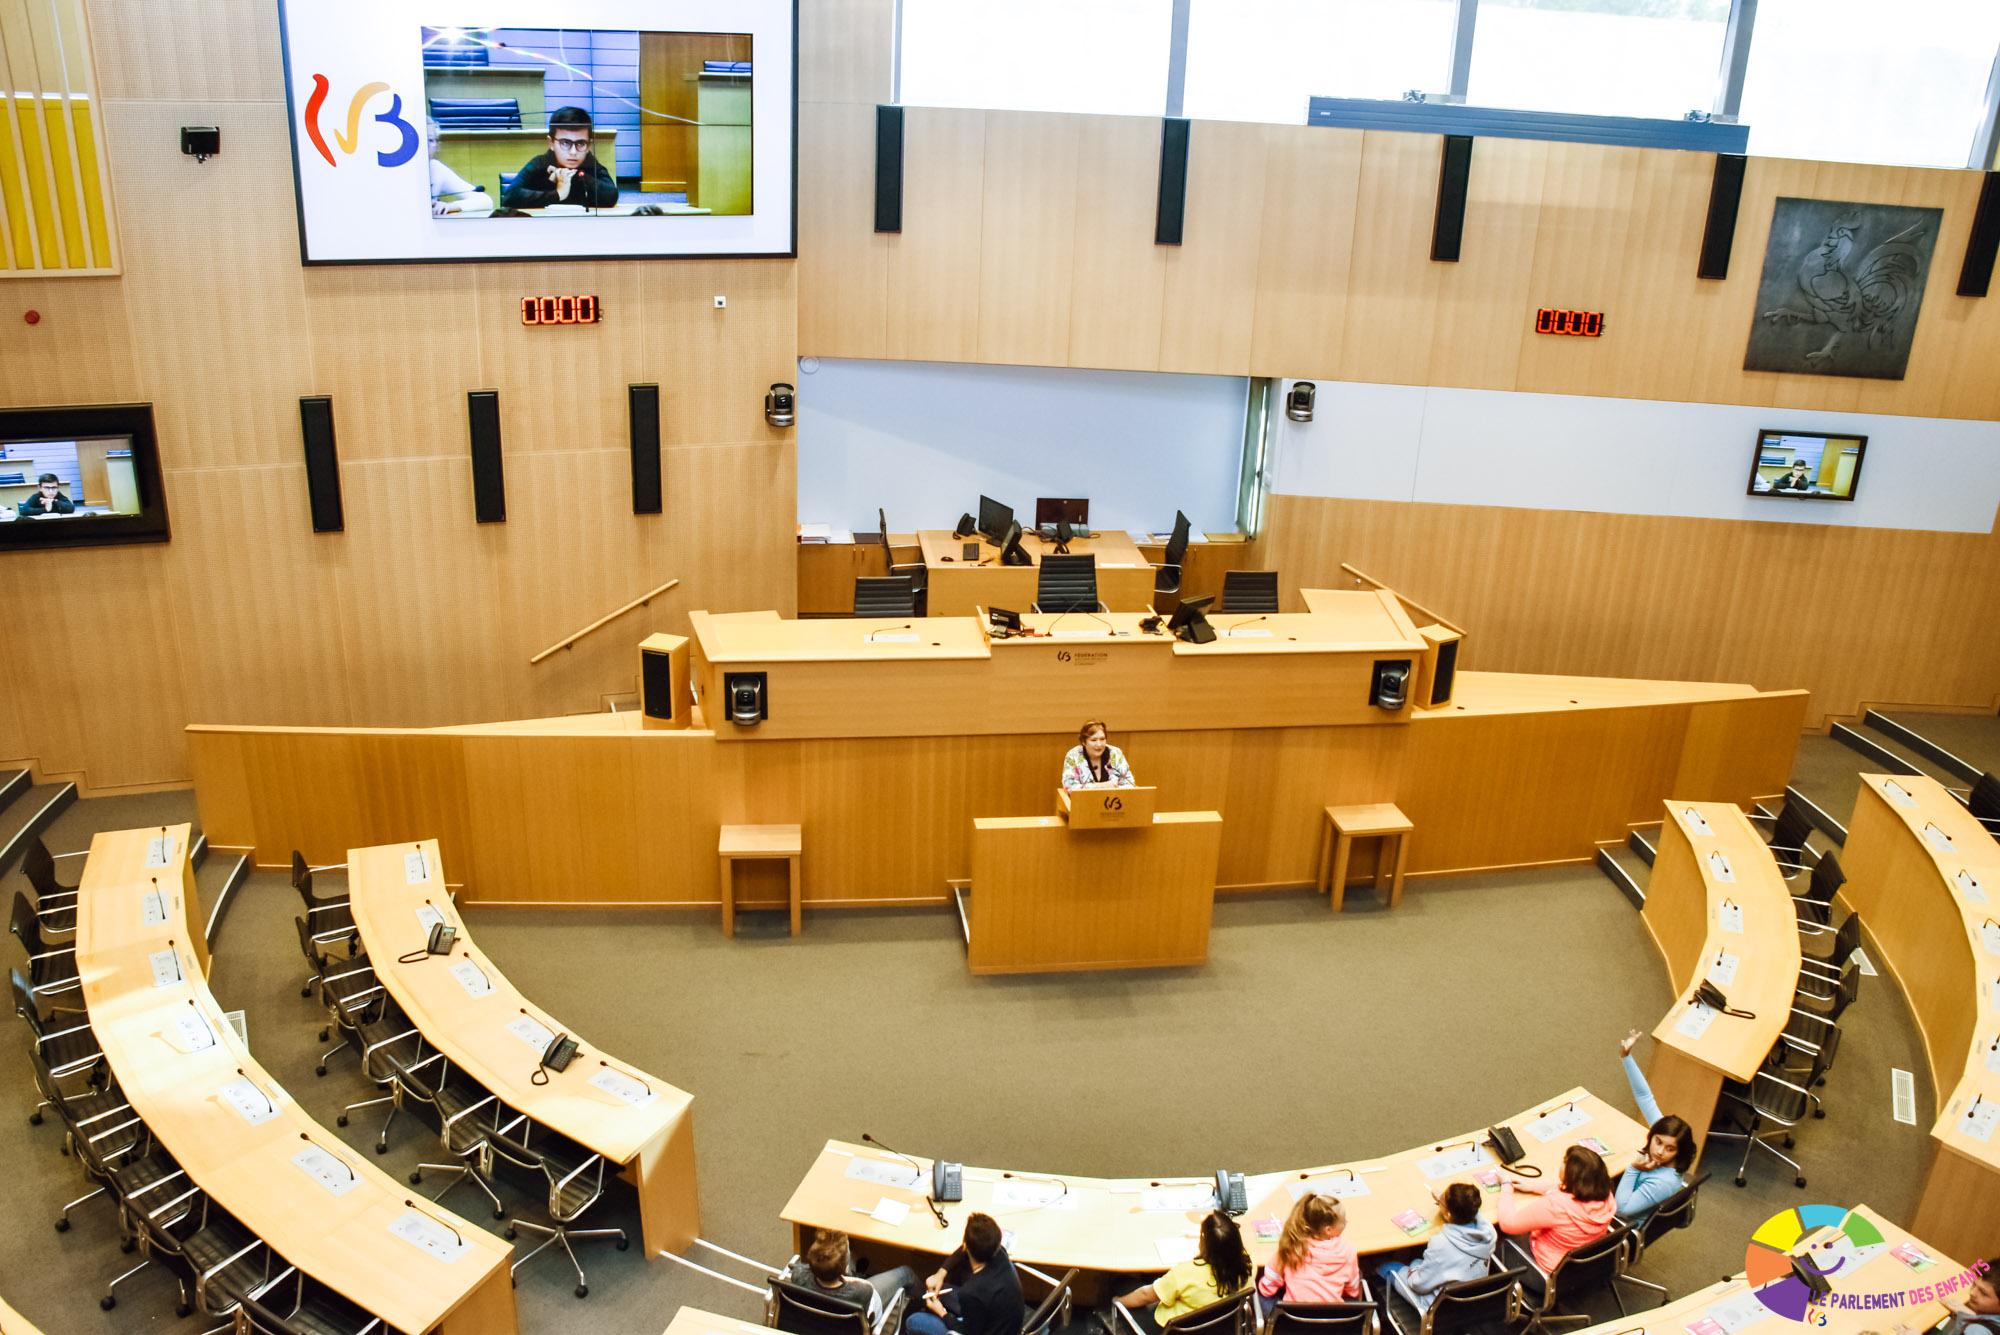 Institut des Frères Maristes - Mouscron - Hainaut